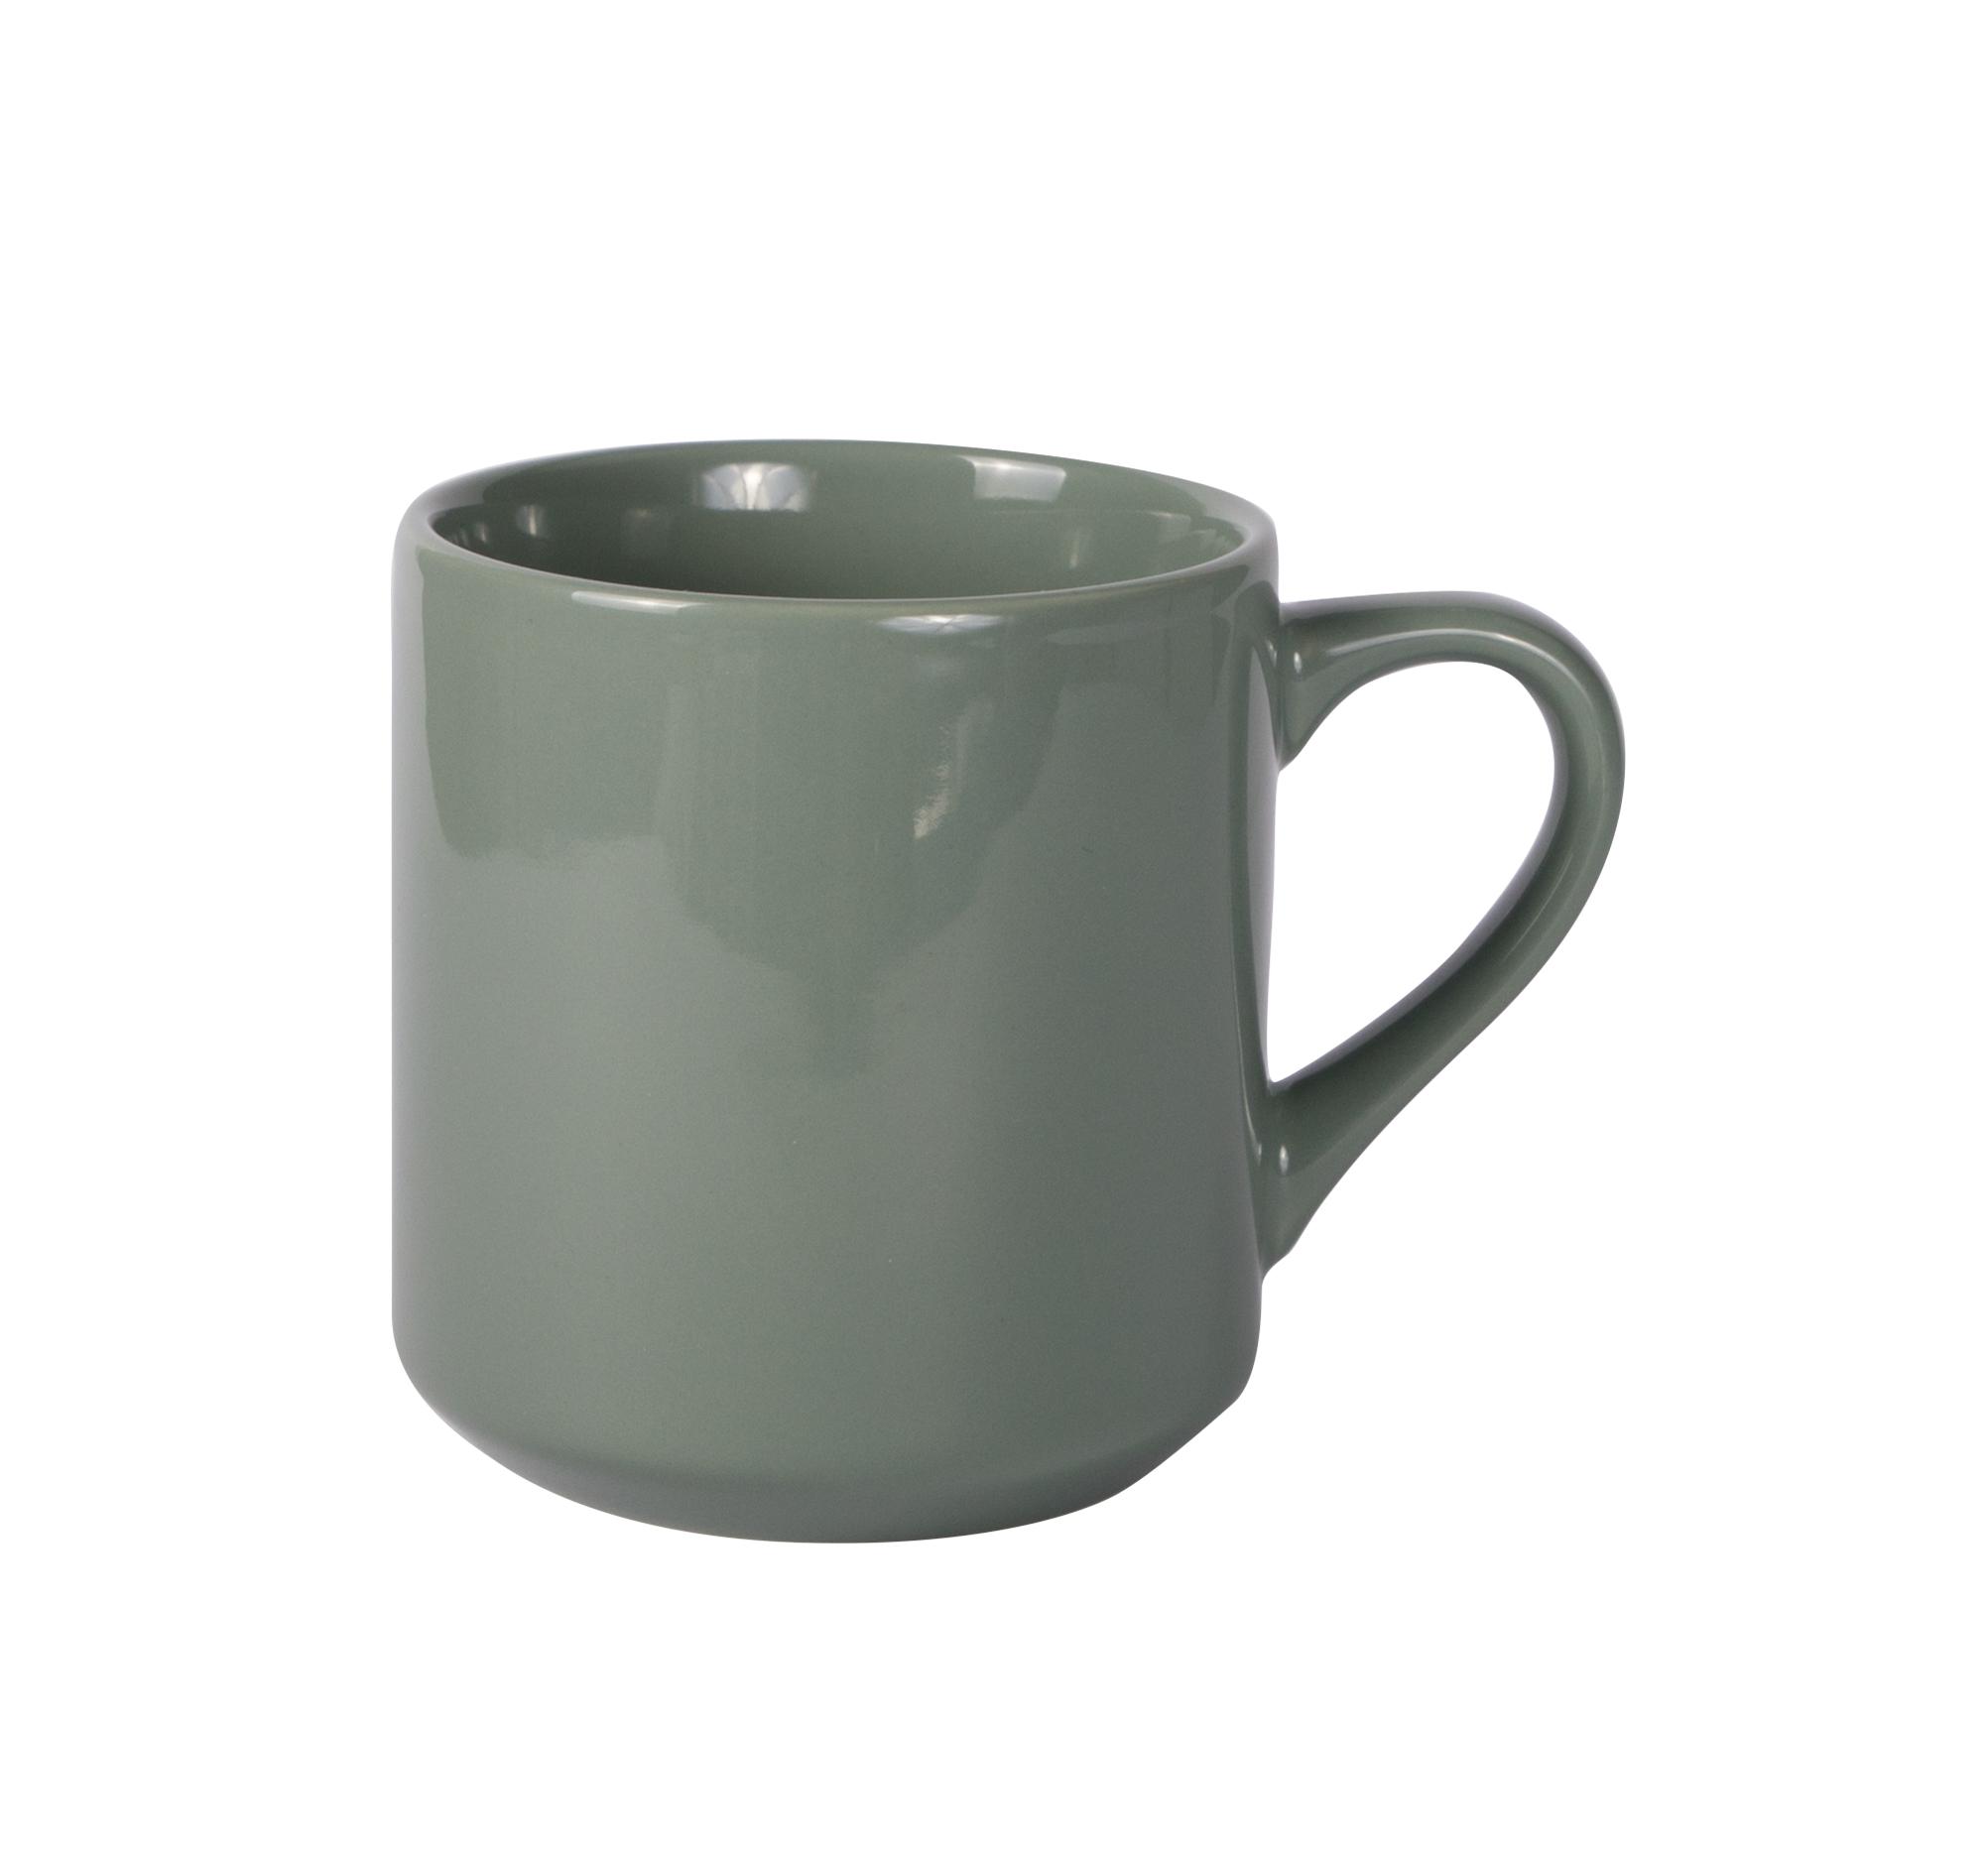 Kaffeebecher grün 340ml